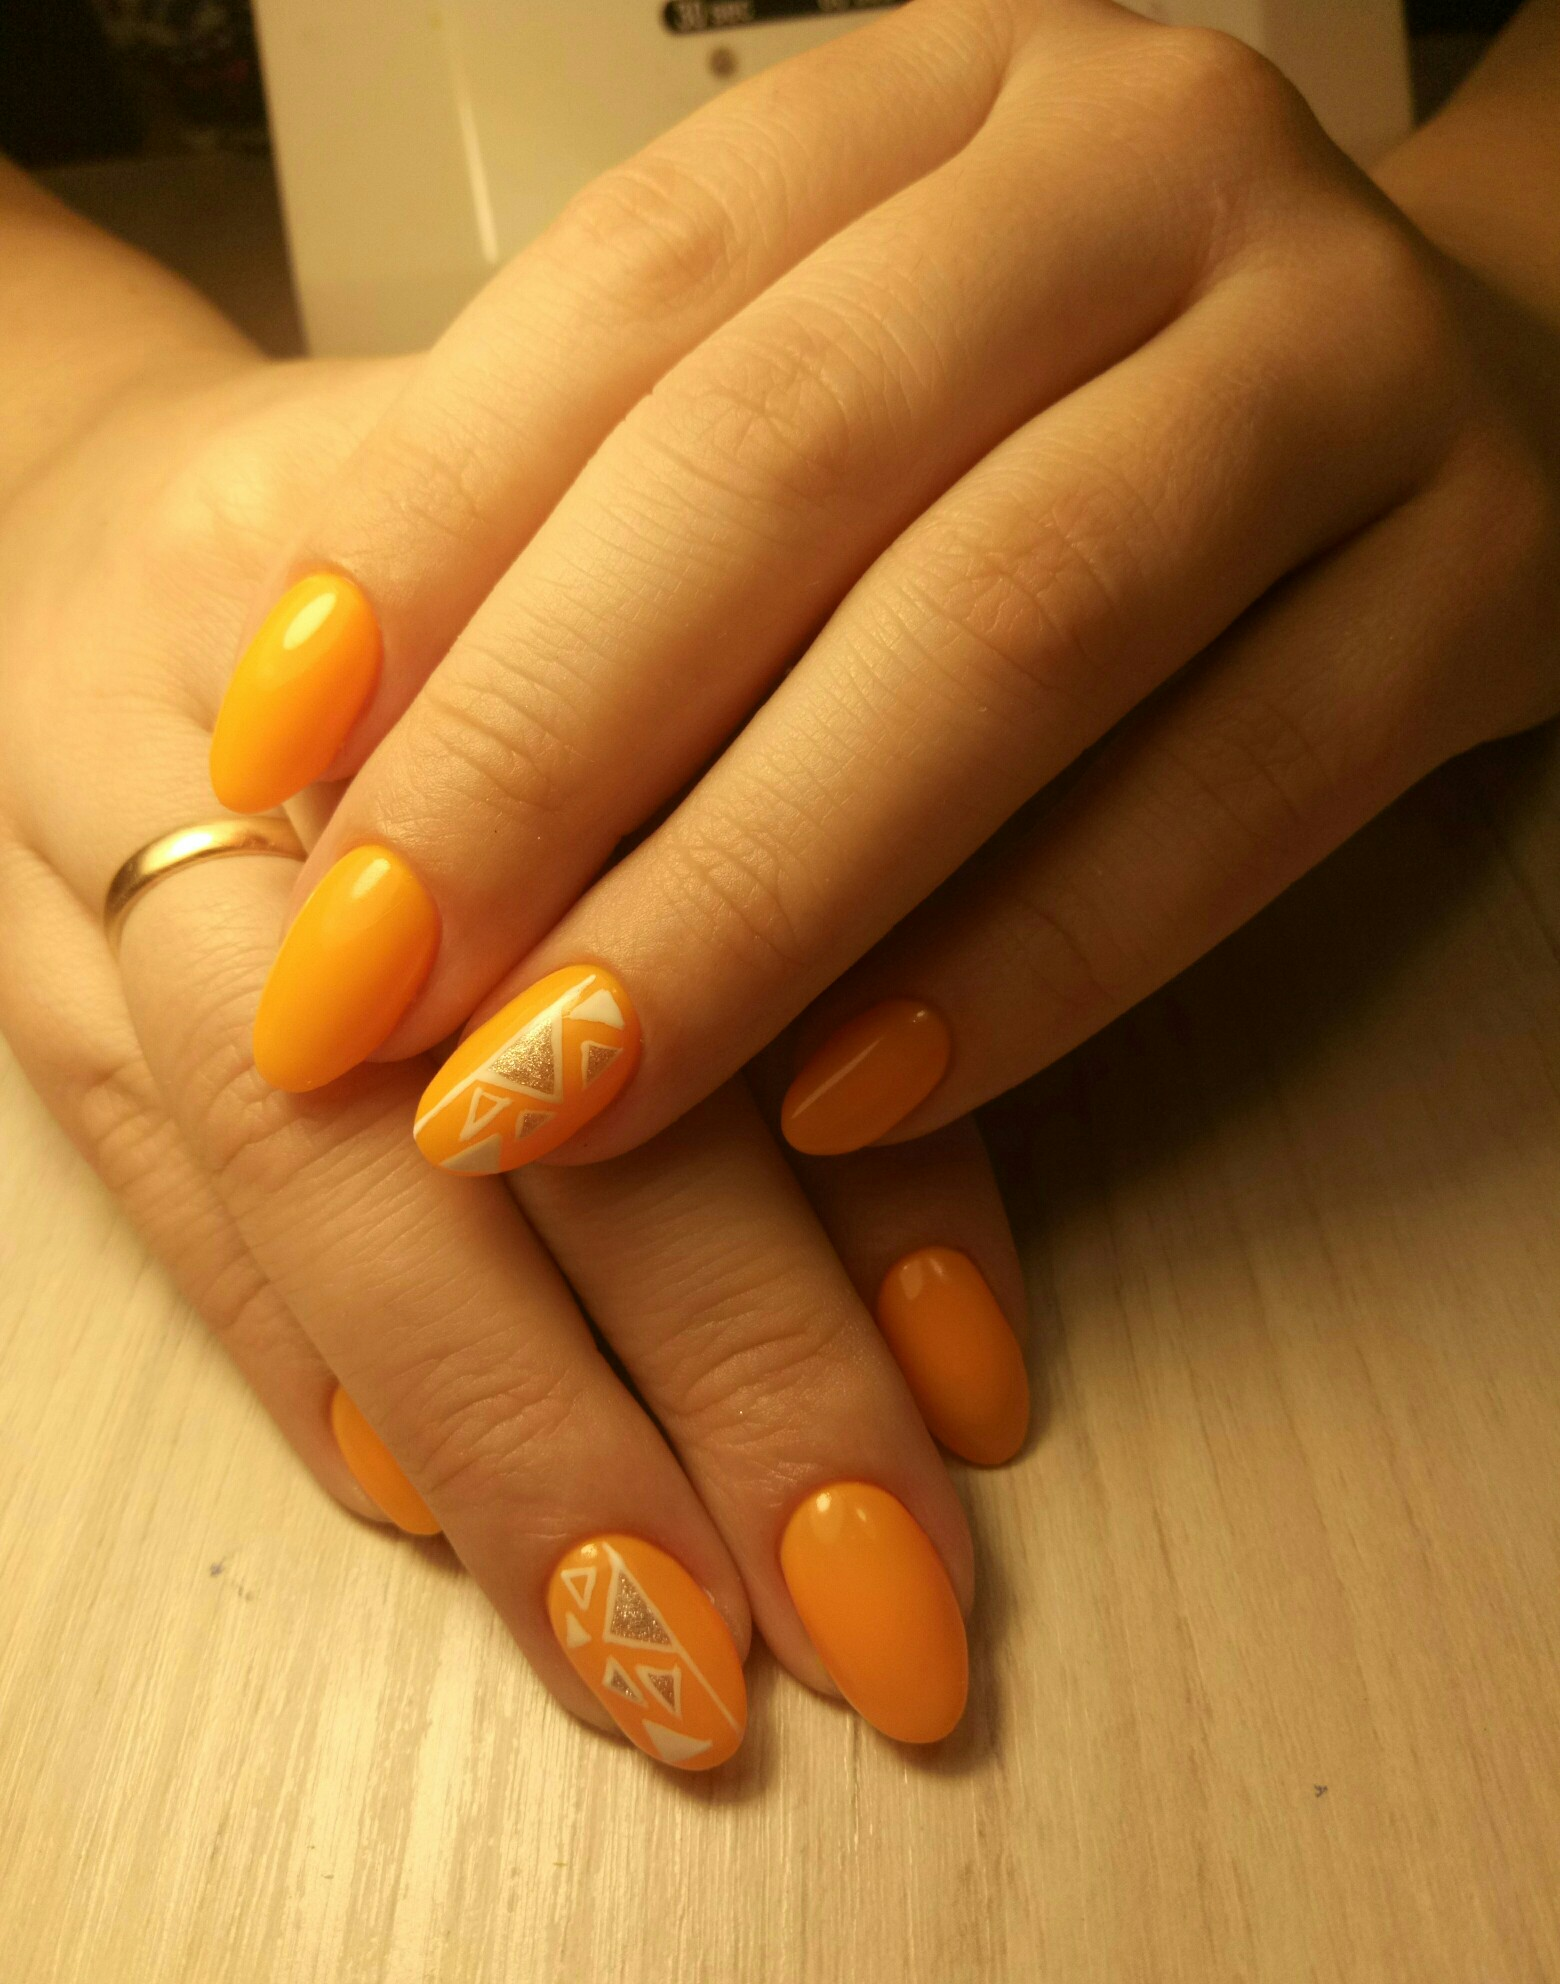 Геометрический маникюр с серебряными блестками в оранжевом цвете.